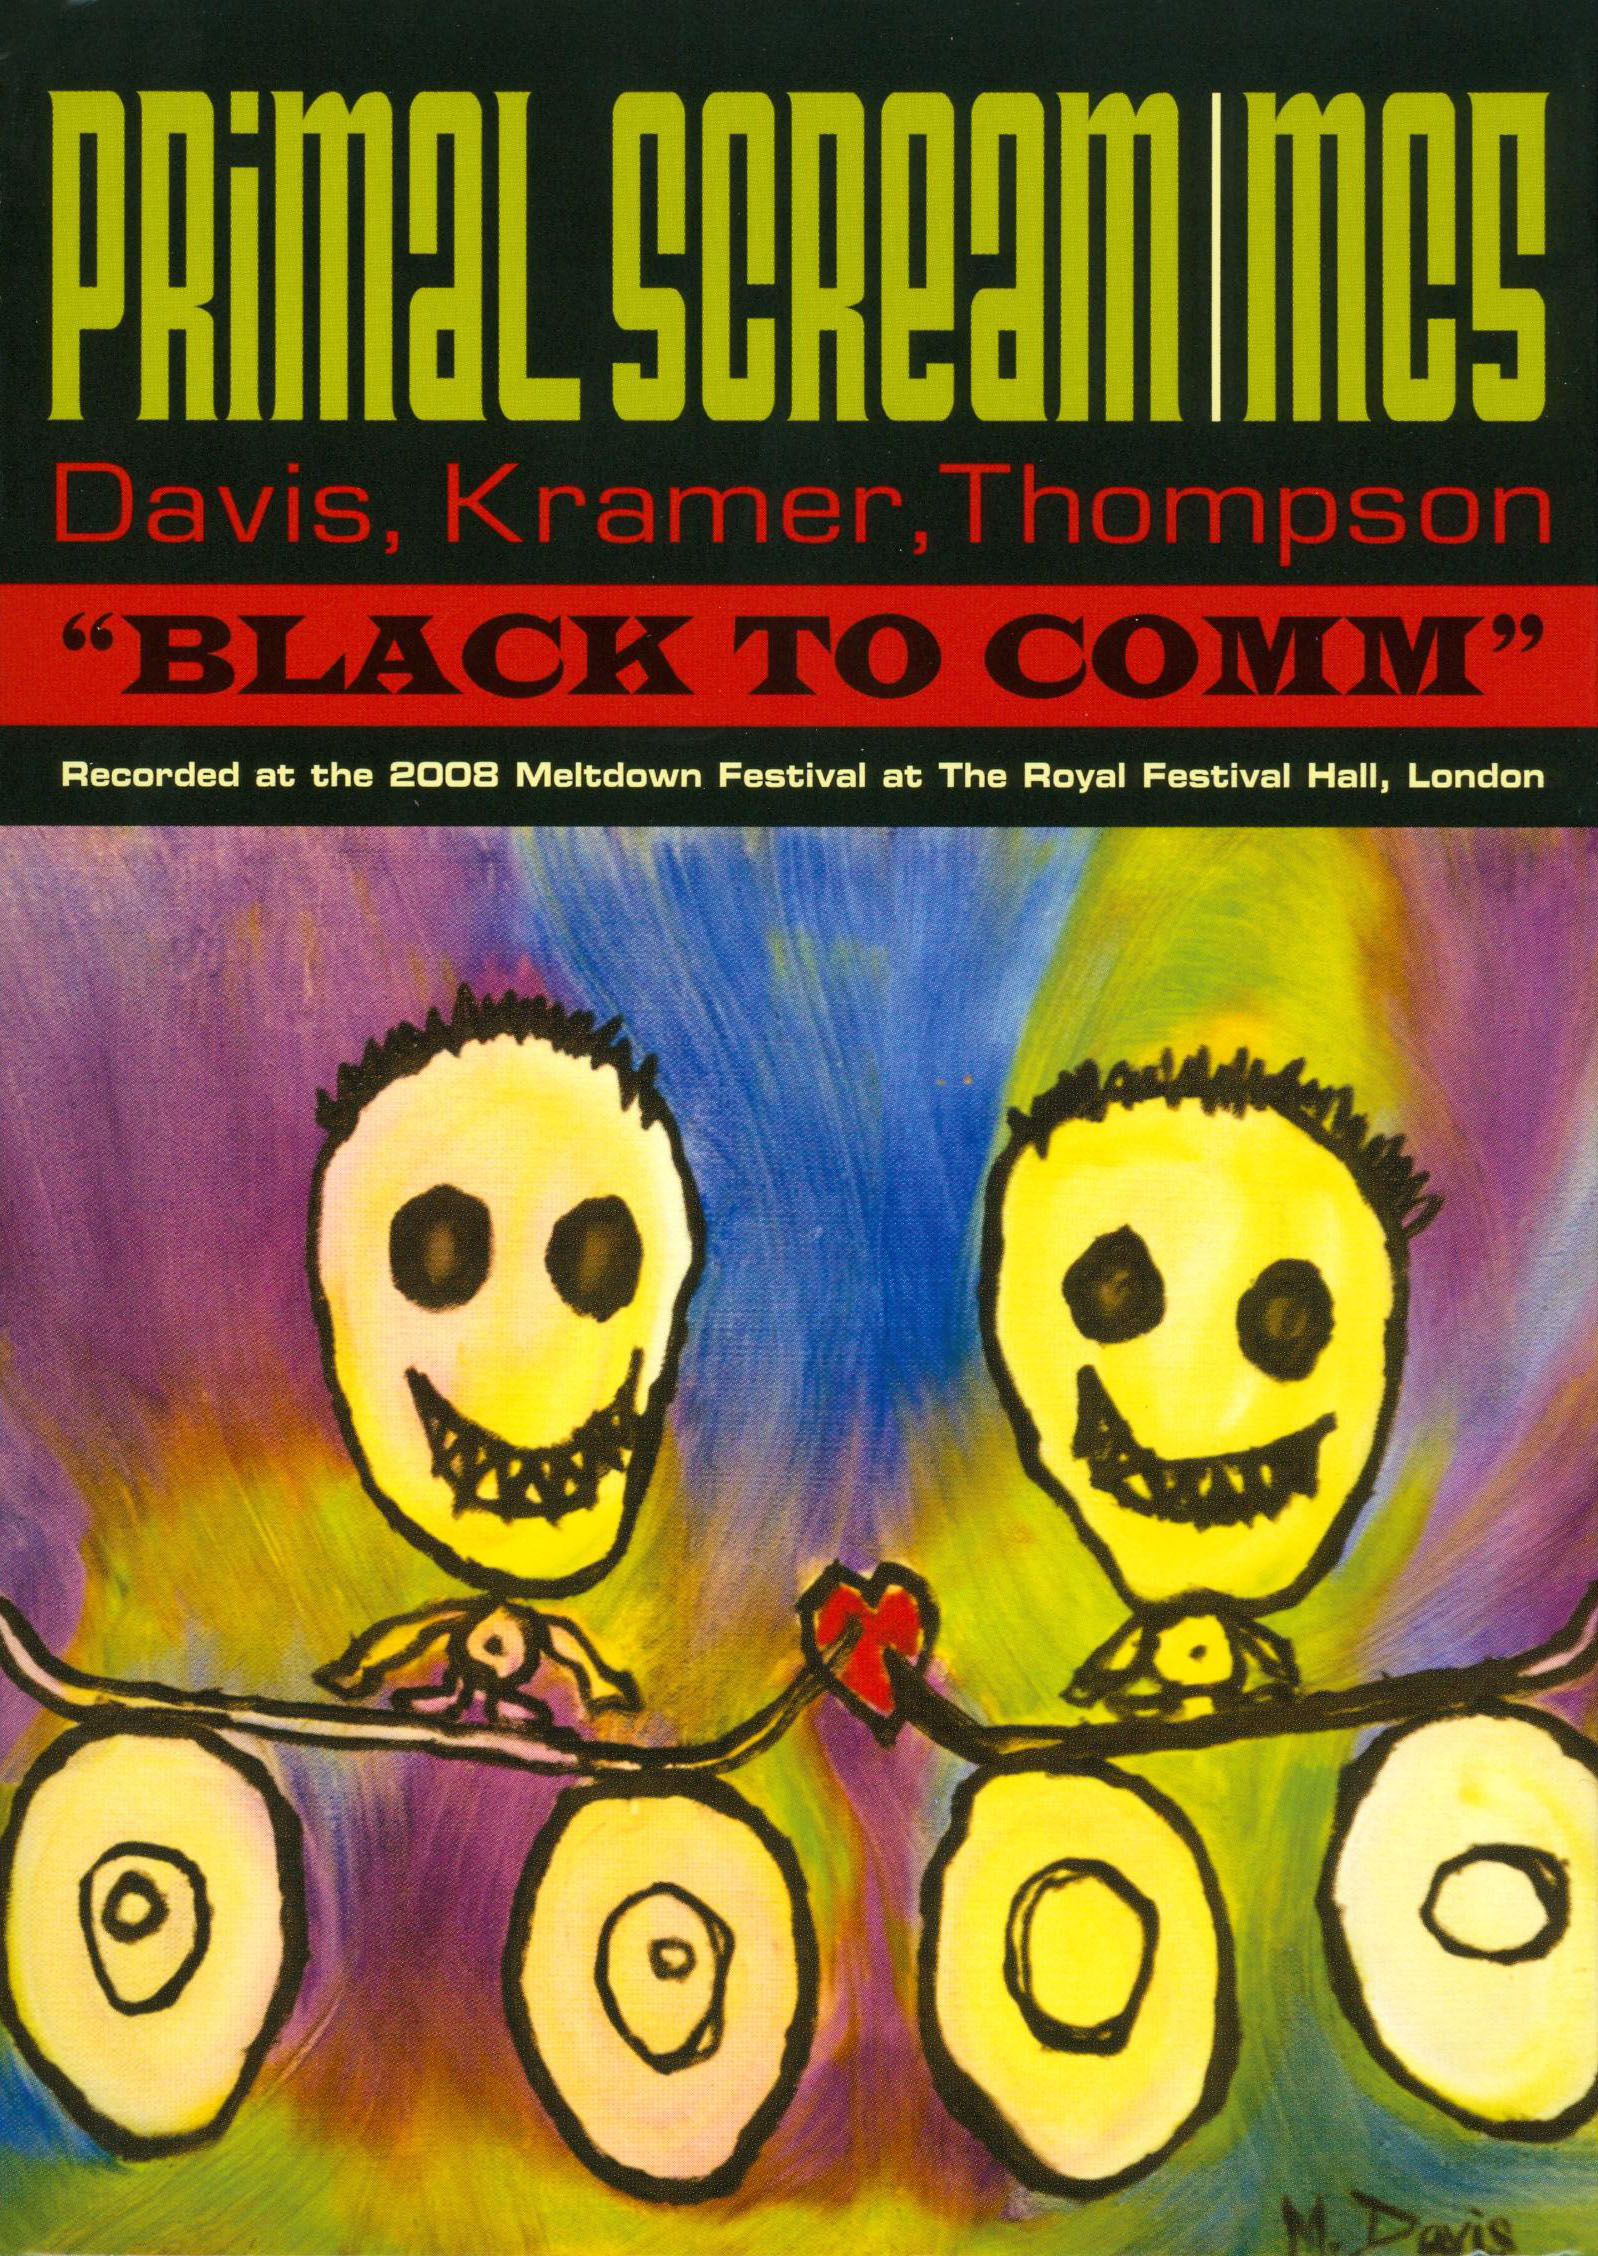 Primal Scream/MC5: Black to Comm